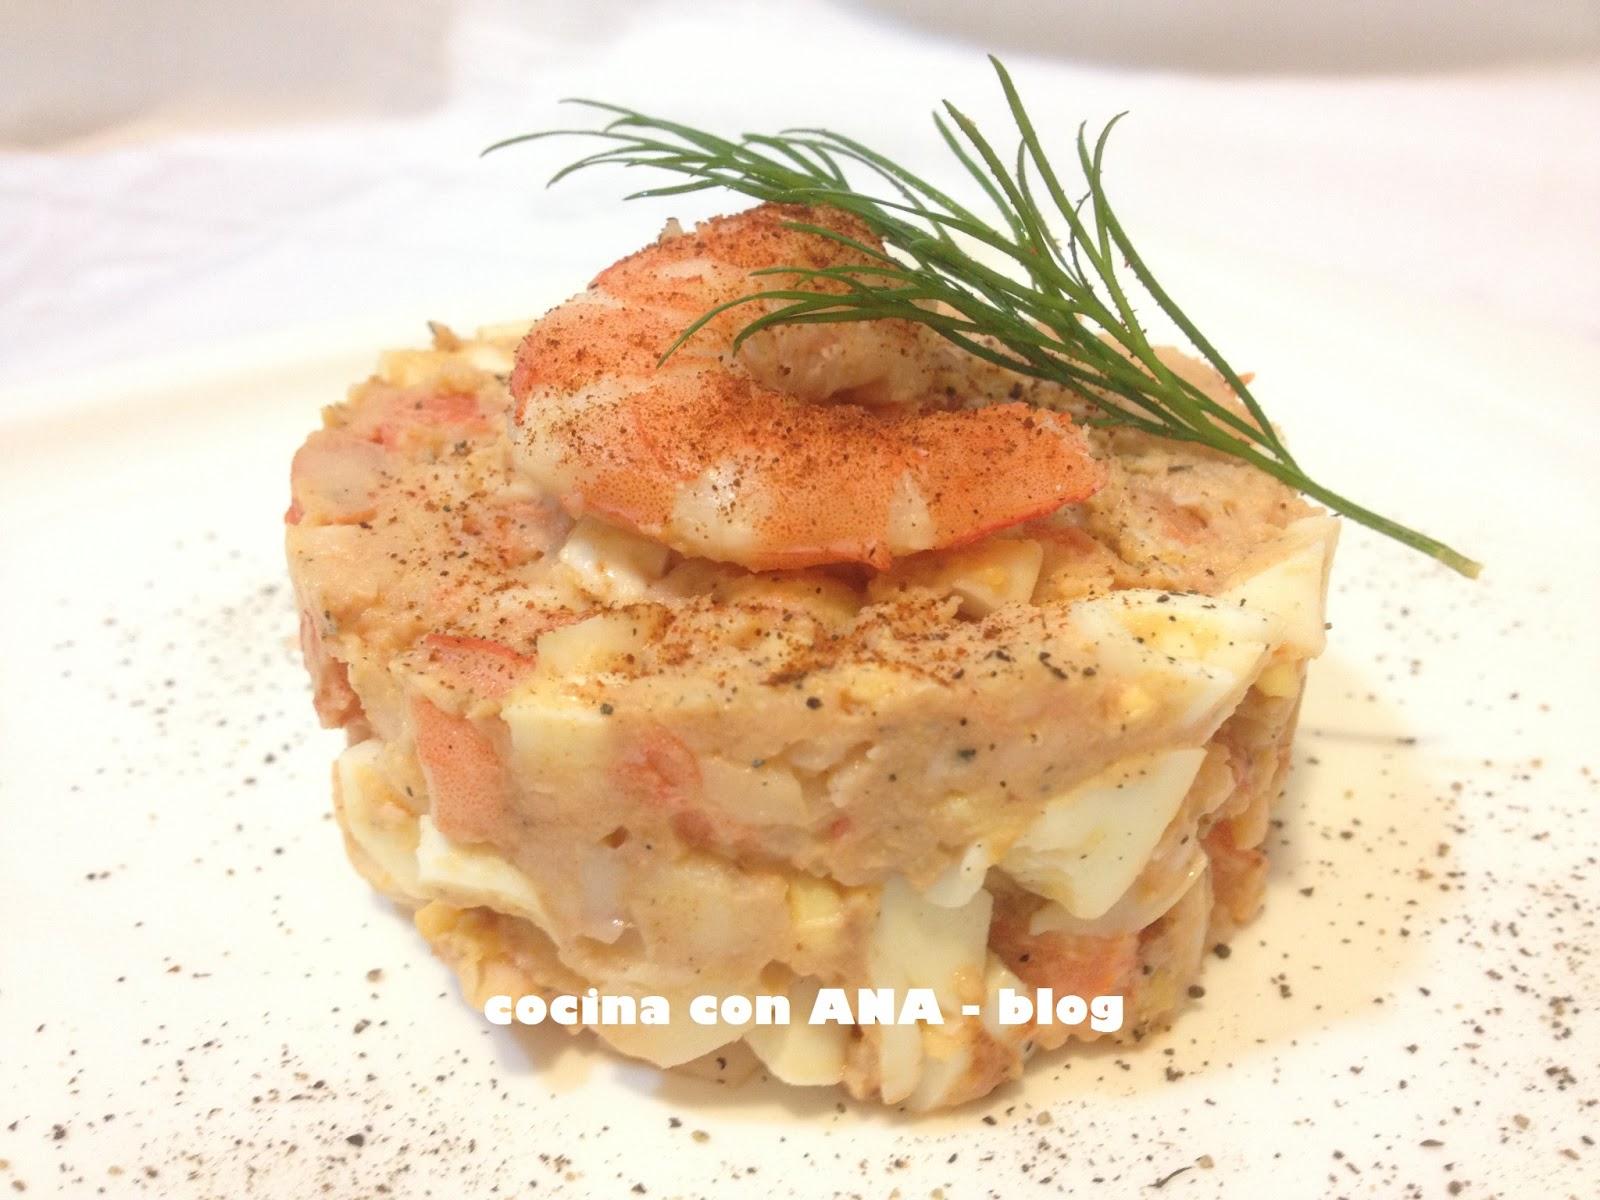 Cocina con ana tartar de gambas dukan - Ana cocina facil ...